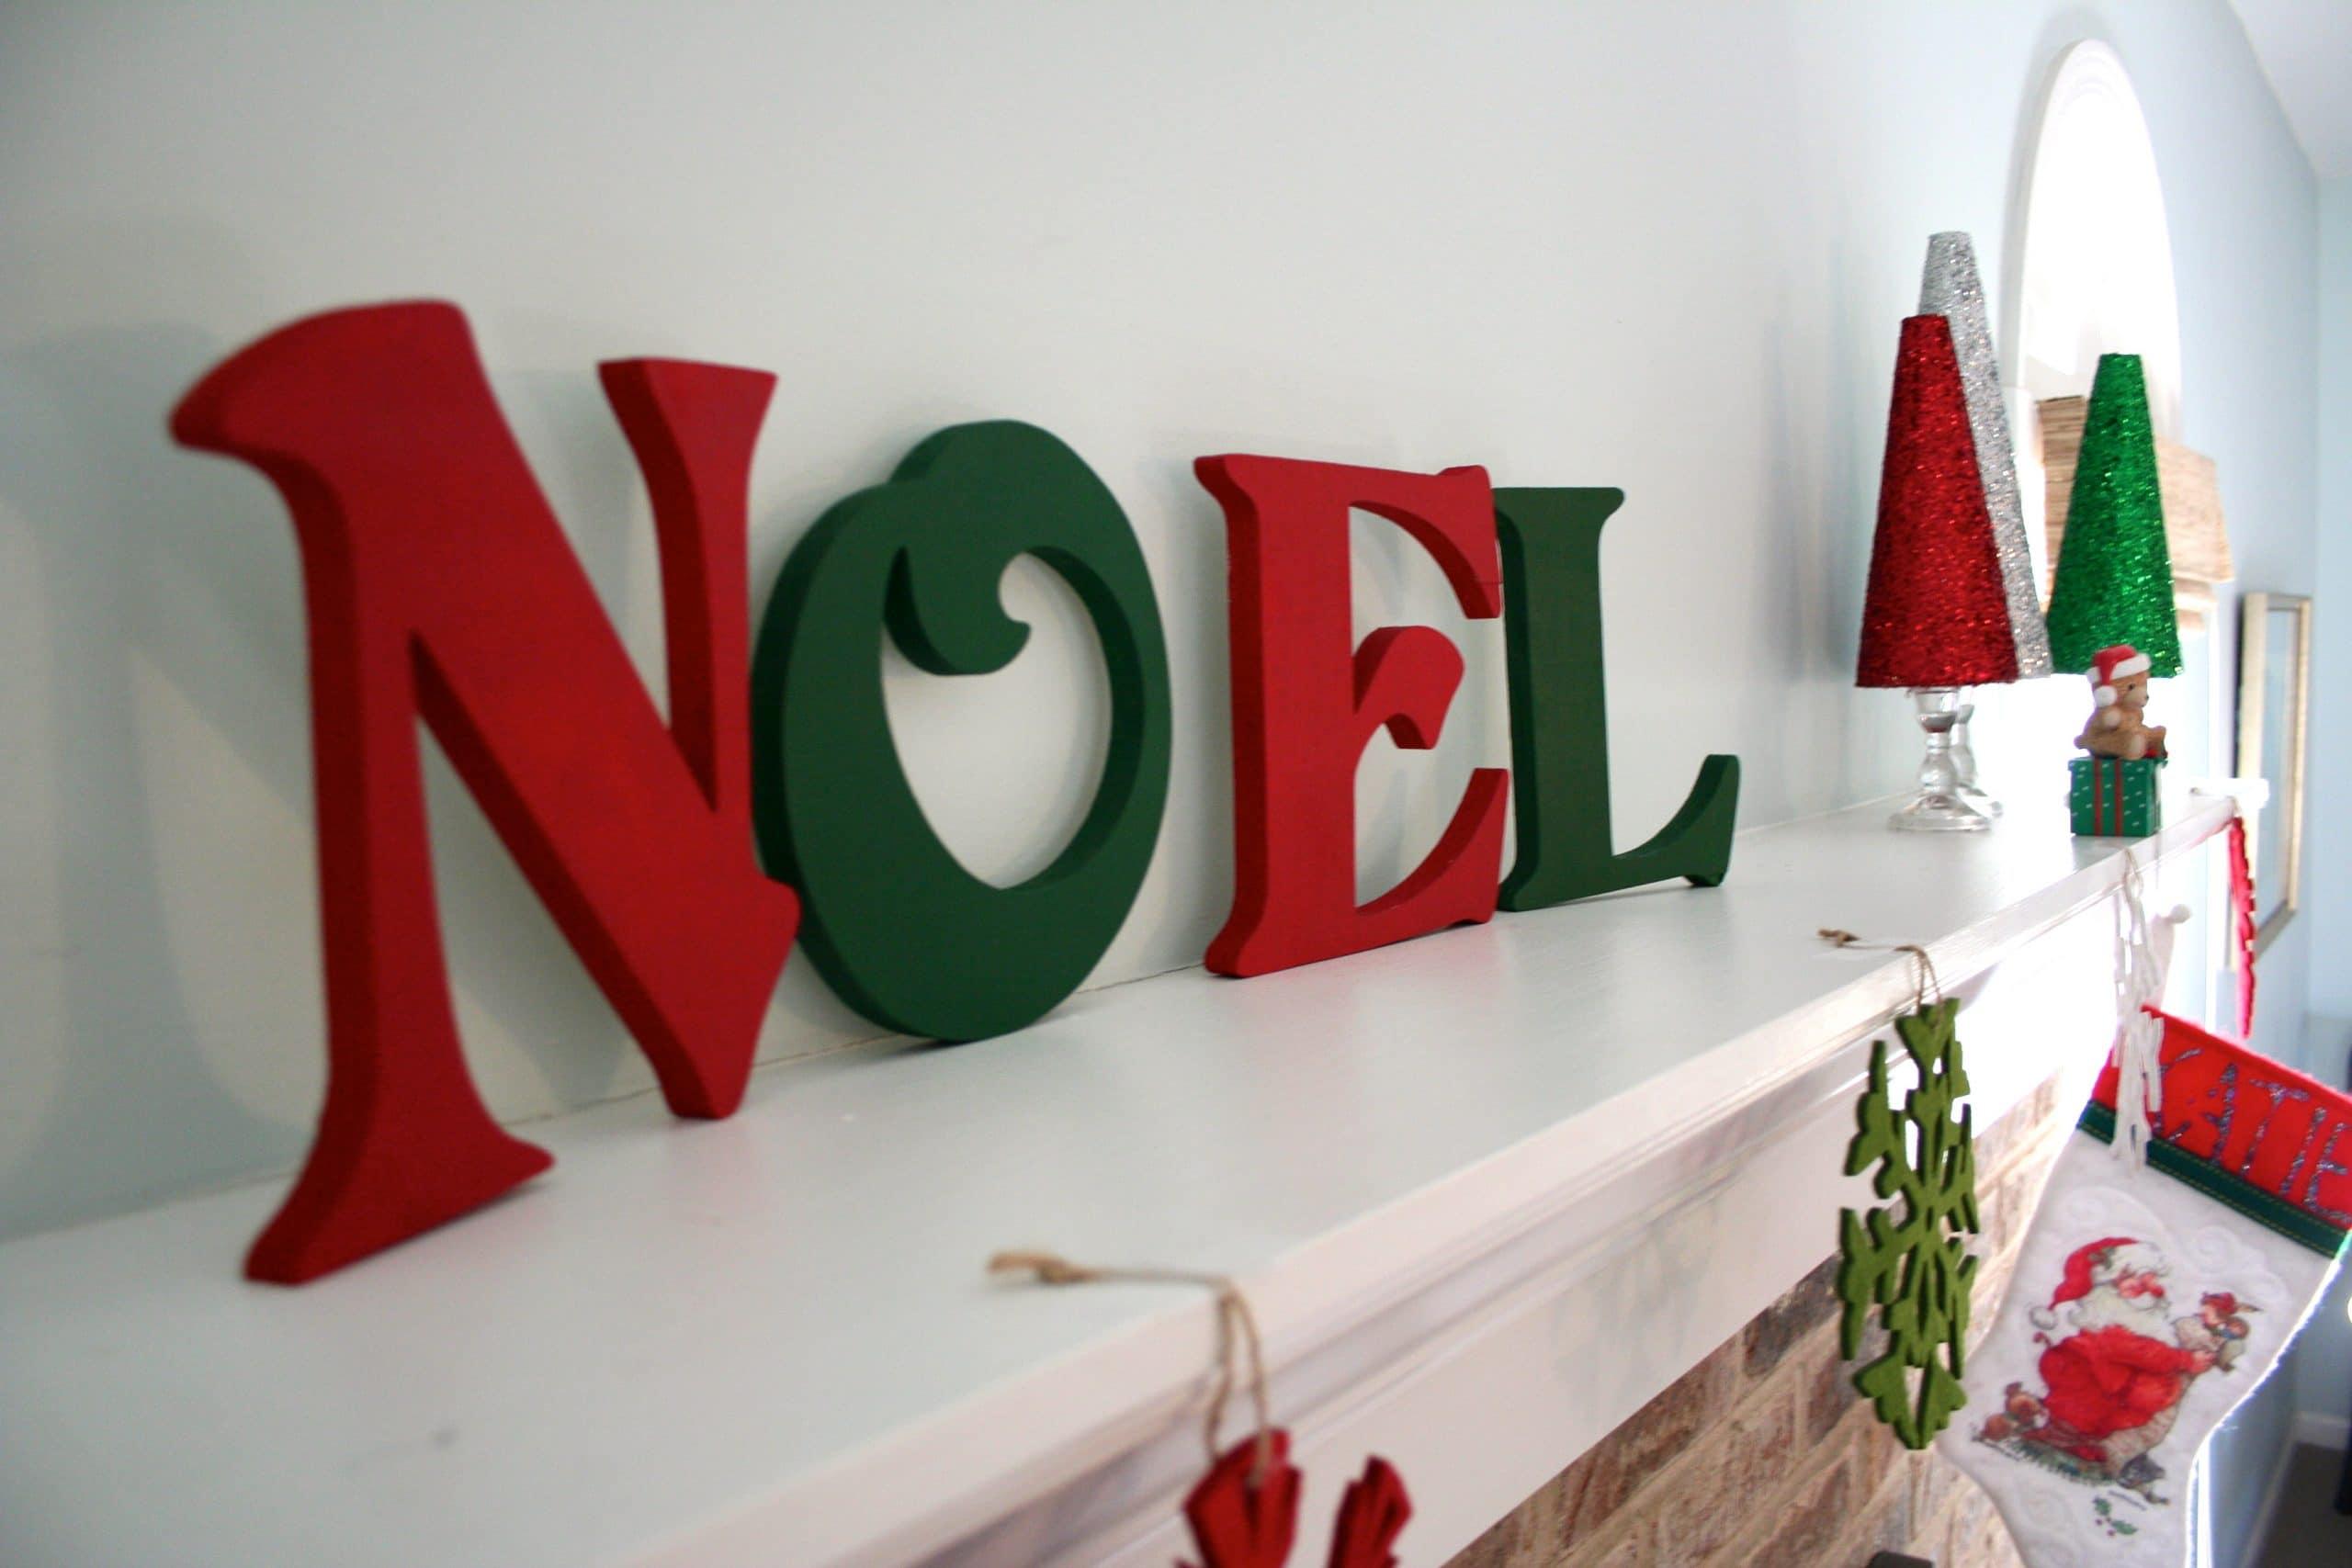 #B01B21 DIY Glitter Christmas Tree A Dash Of Megnut 6707 Deco De Noel A Fabriquer Gratuit 3456x2304 px @ aertt.com